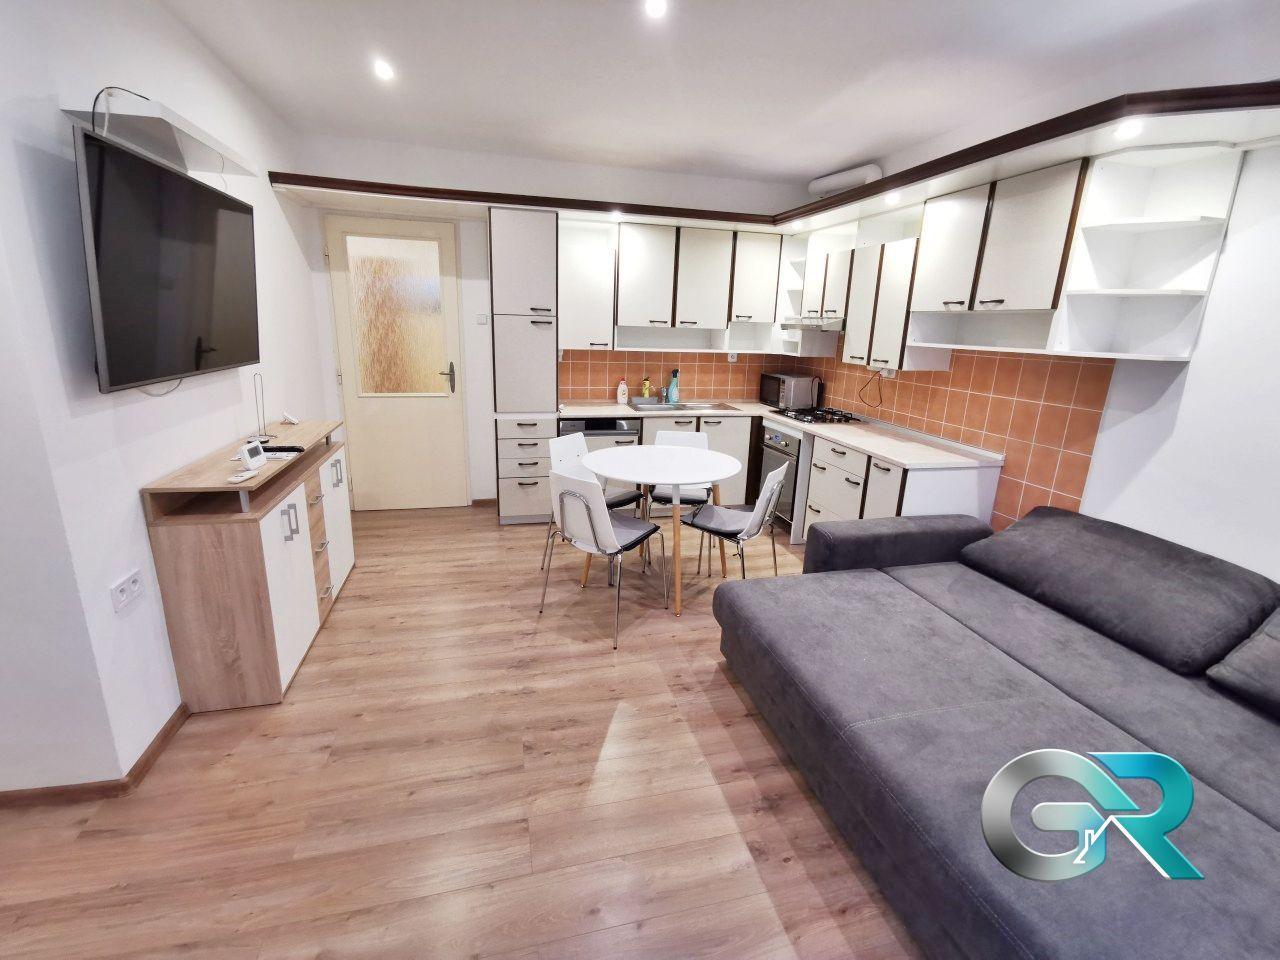 2-izbový byt-Prenájom-Trenčín-490 €